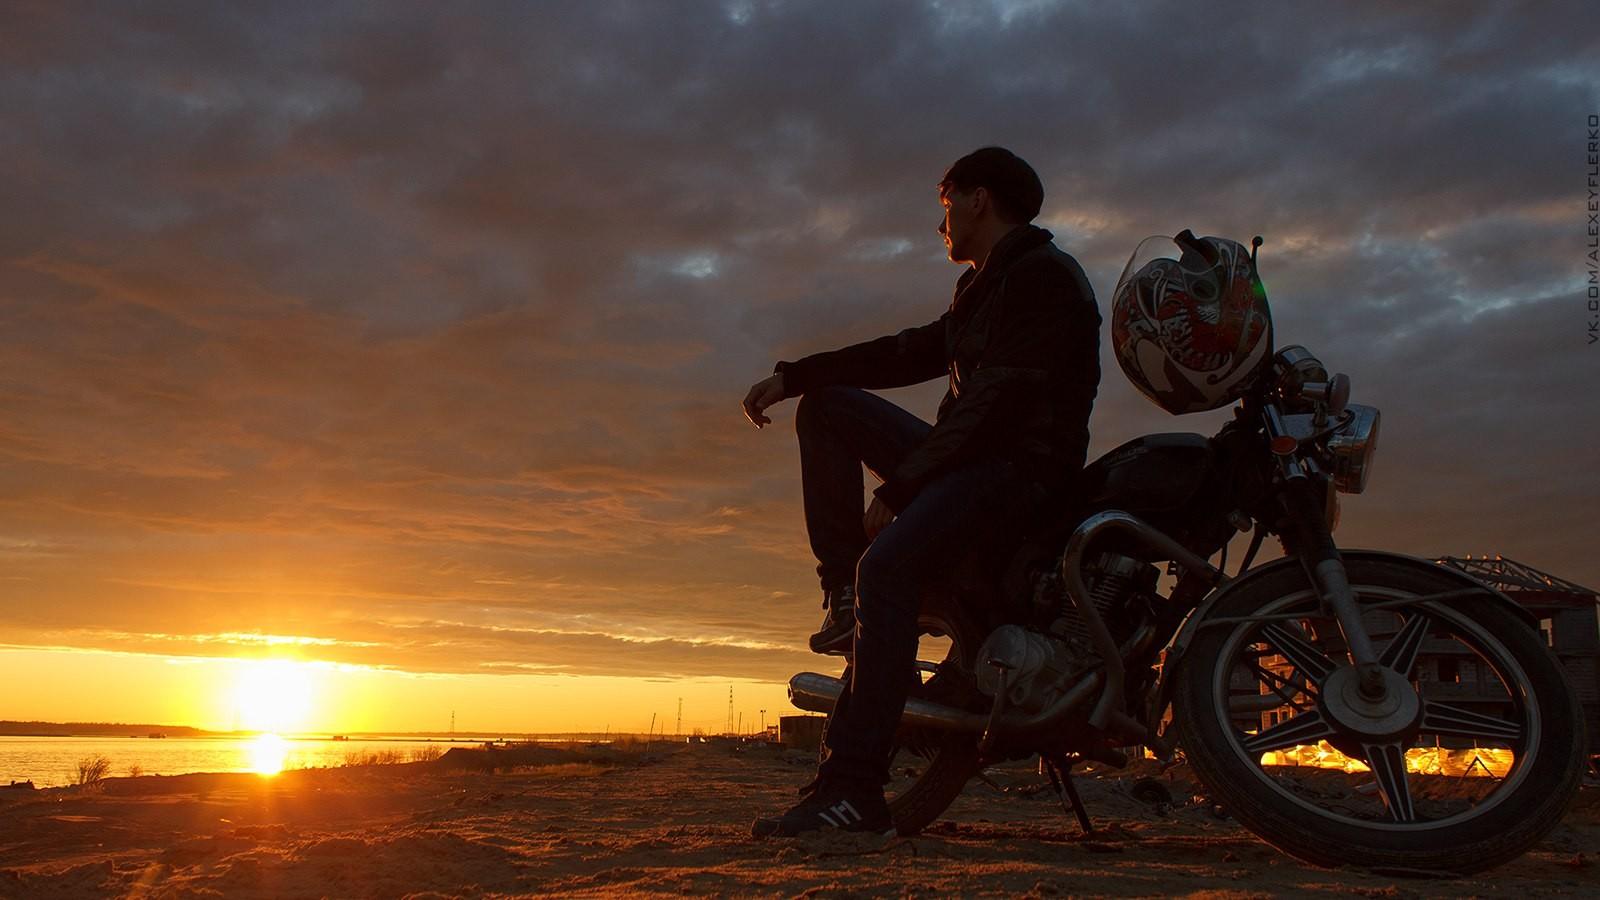 картинки мотоциклистов и закат устраивала вечера чуть